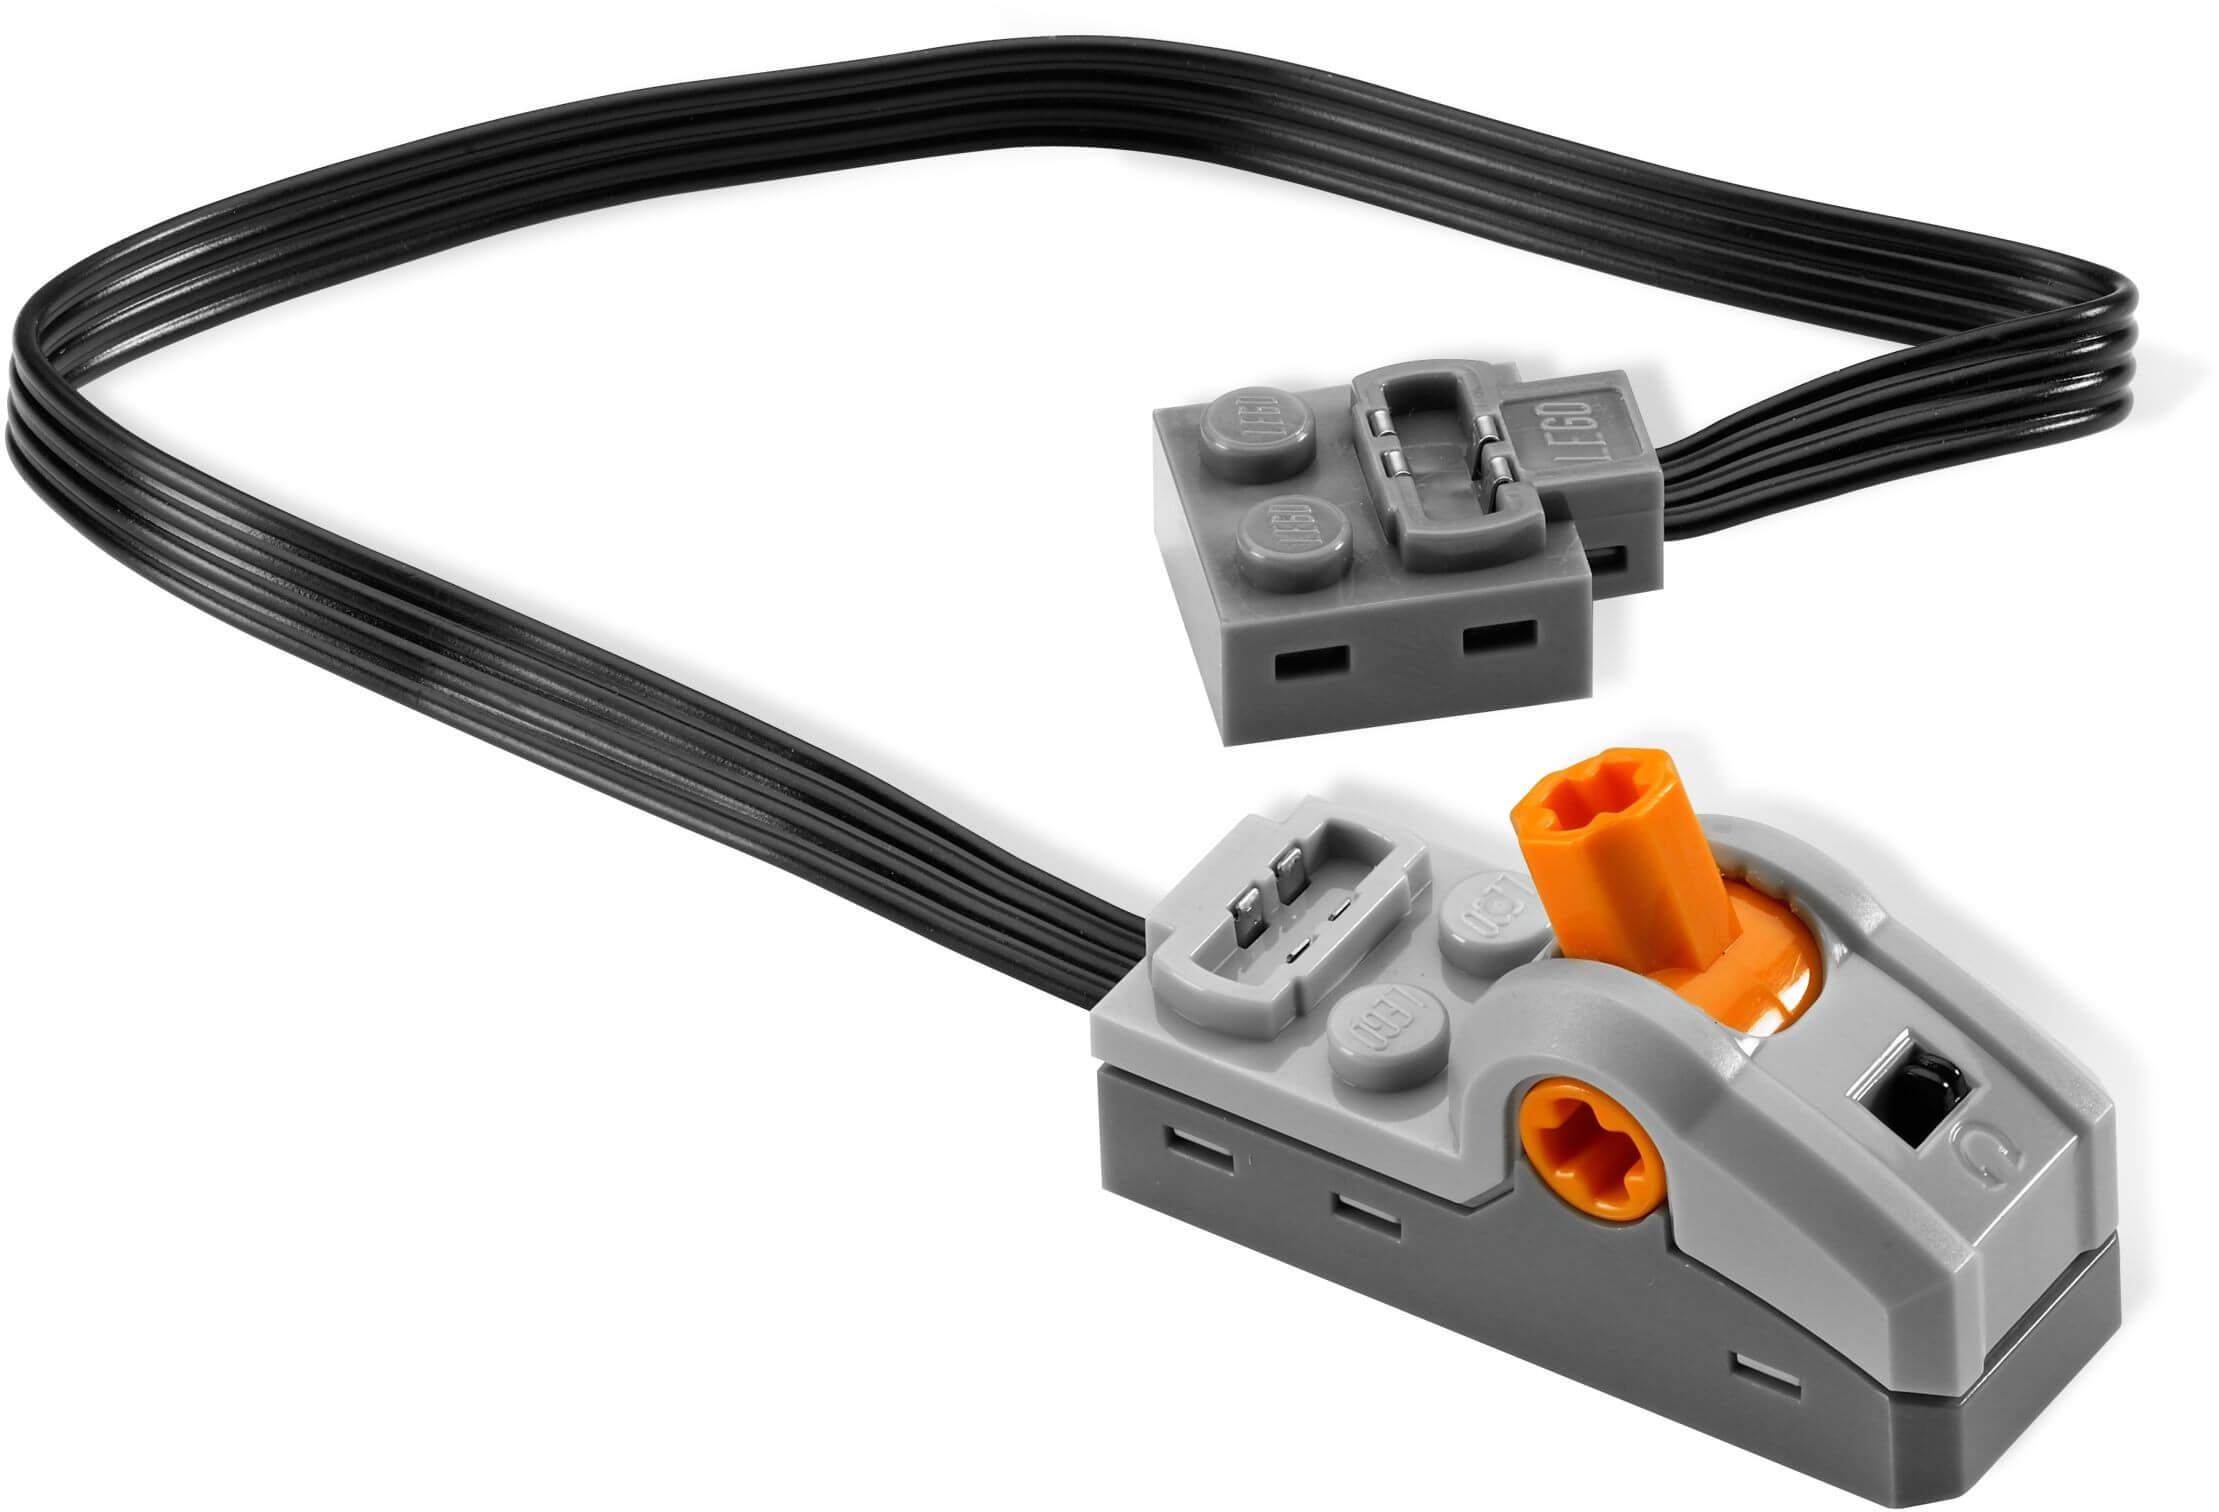 Mua đồ chơi LEGO 8869 - LEGO Power Functions 8869 - Công tắc điều khiển (LEGO Power Functions Control Switch 8869)